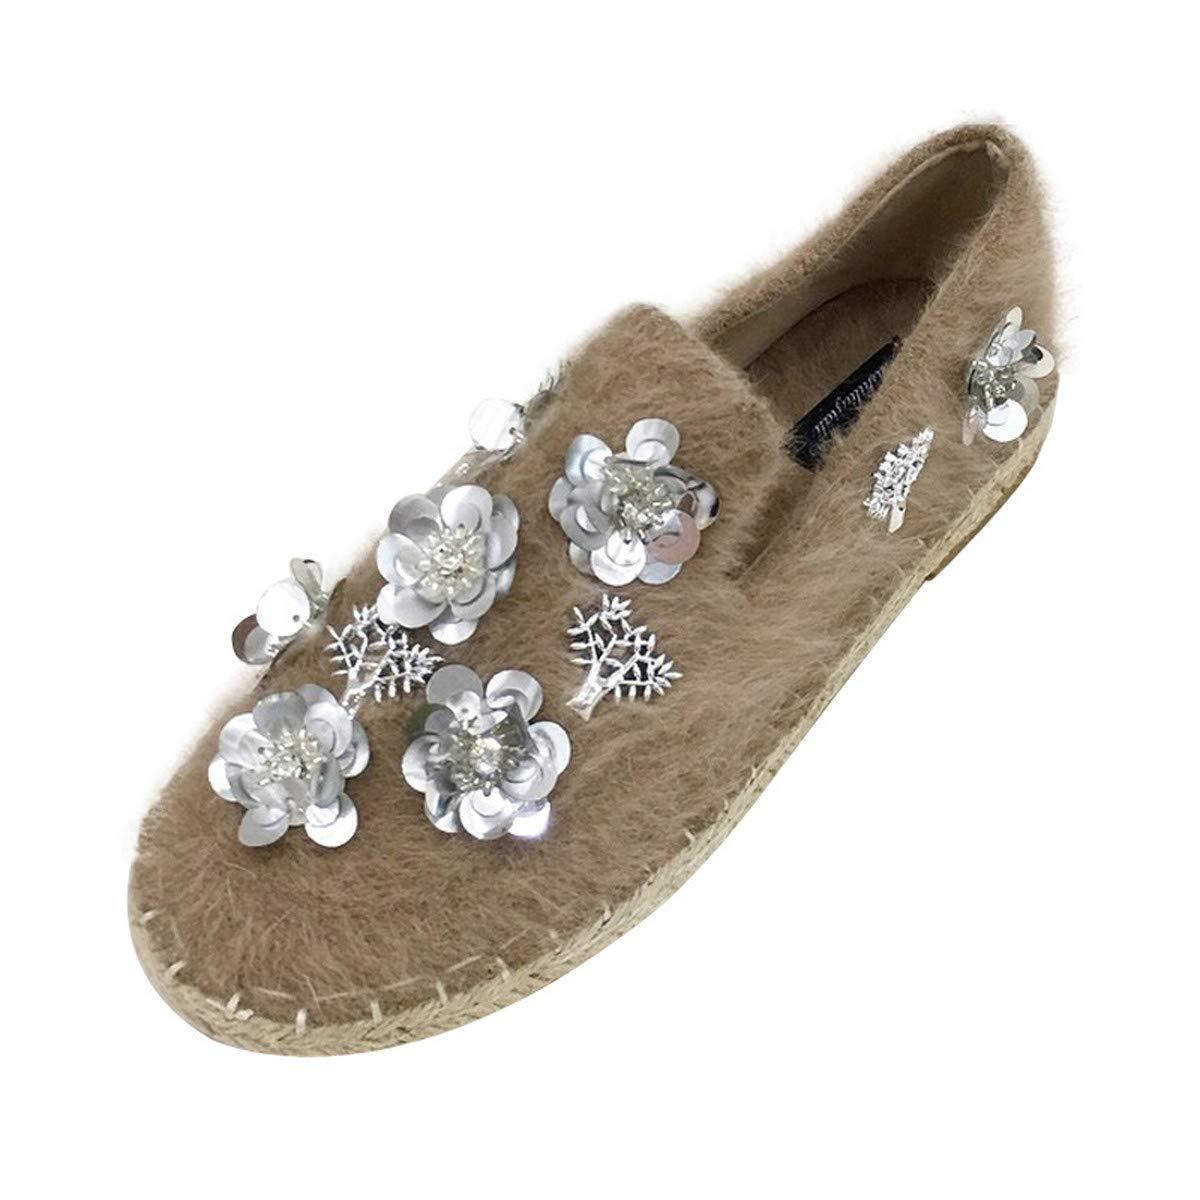 HBDLH Damenschuhe/Flache Sohle Einzelne Schuhe Herbst Frauen Perlen Blumen Wolle Die Schuhe Flanell Pedale Faul Schuhe